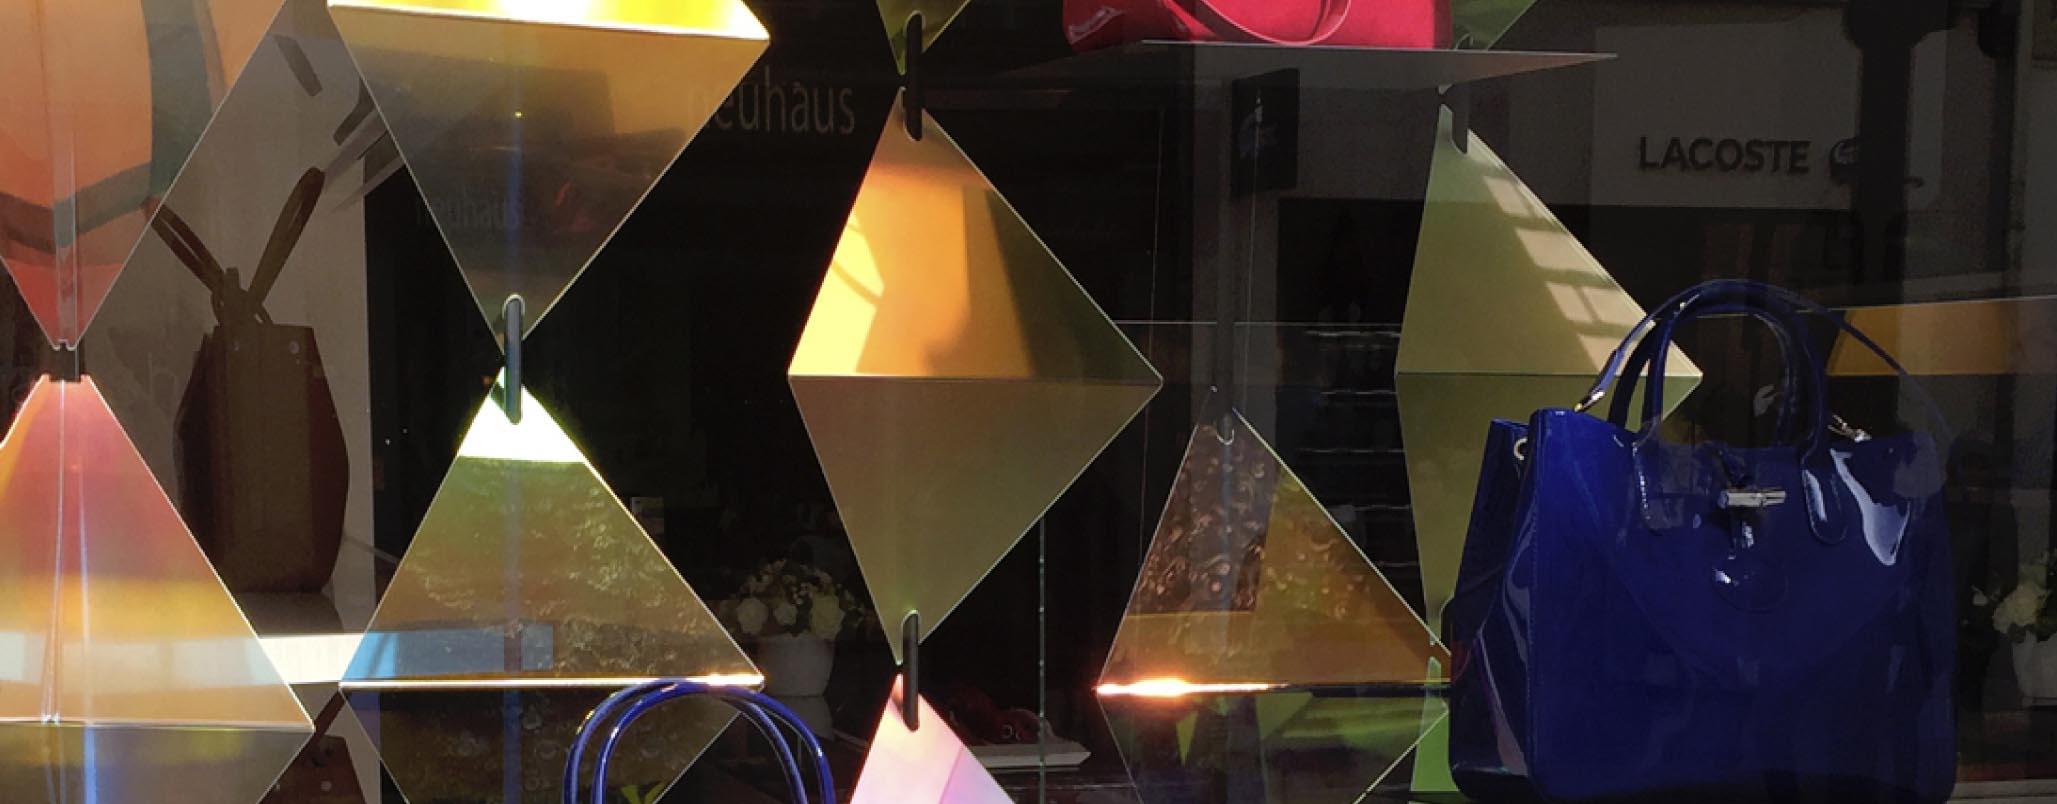 laminas cristales proteccion ibiza c5 15